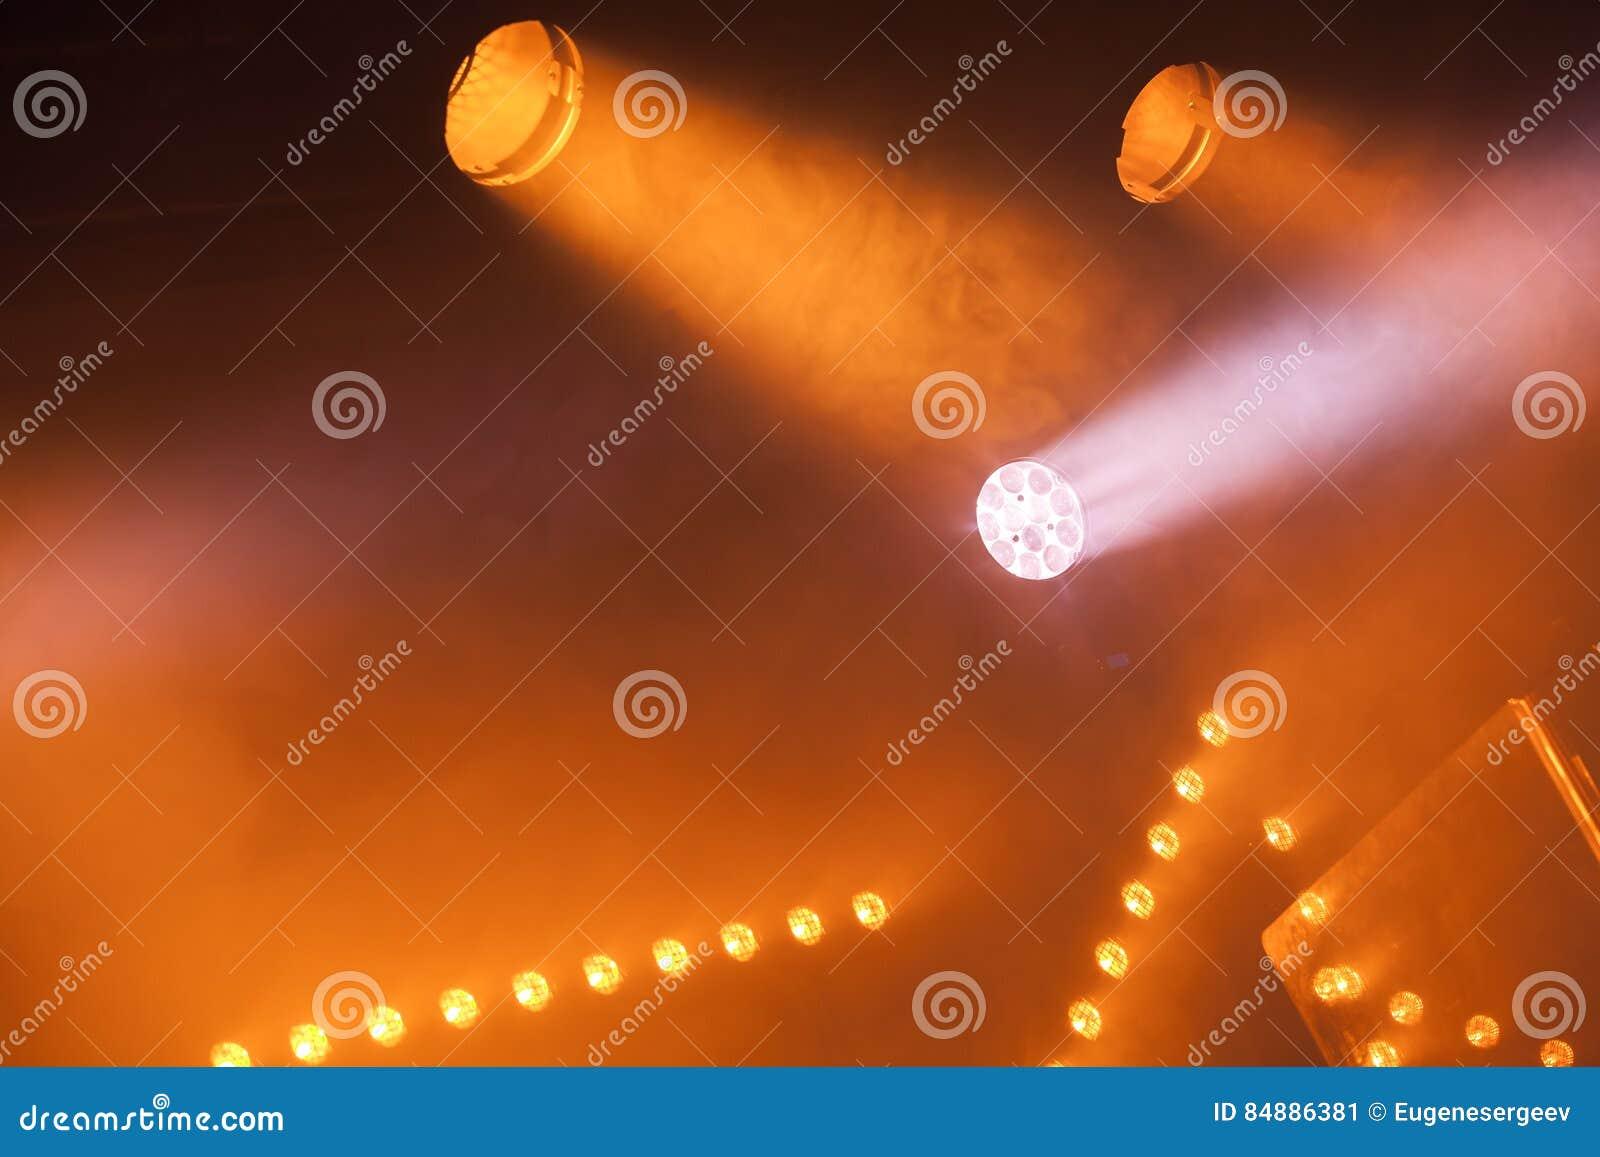 Scheinwerferlichter mit gelben Strahlen im Rauche